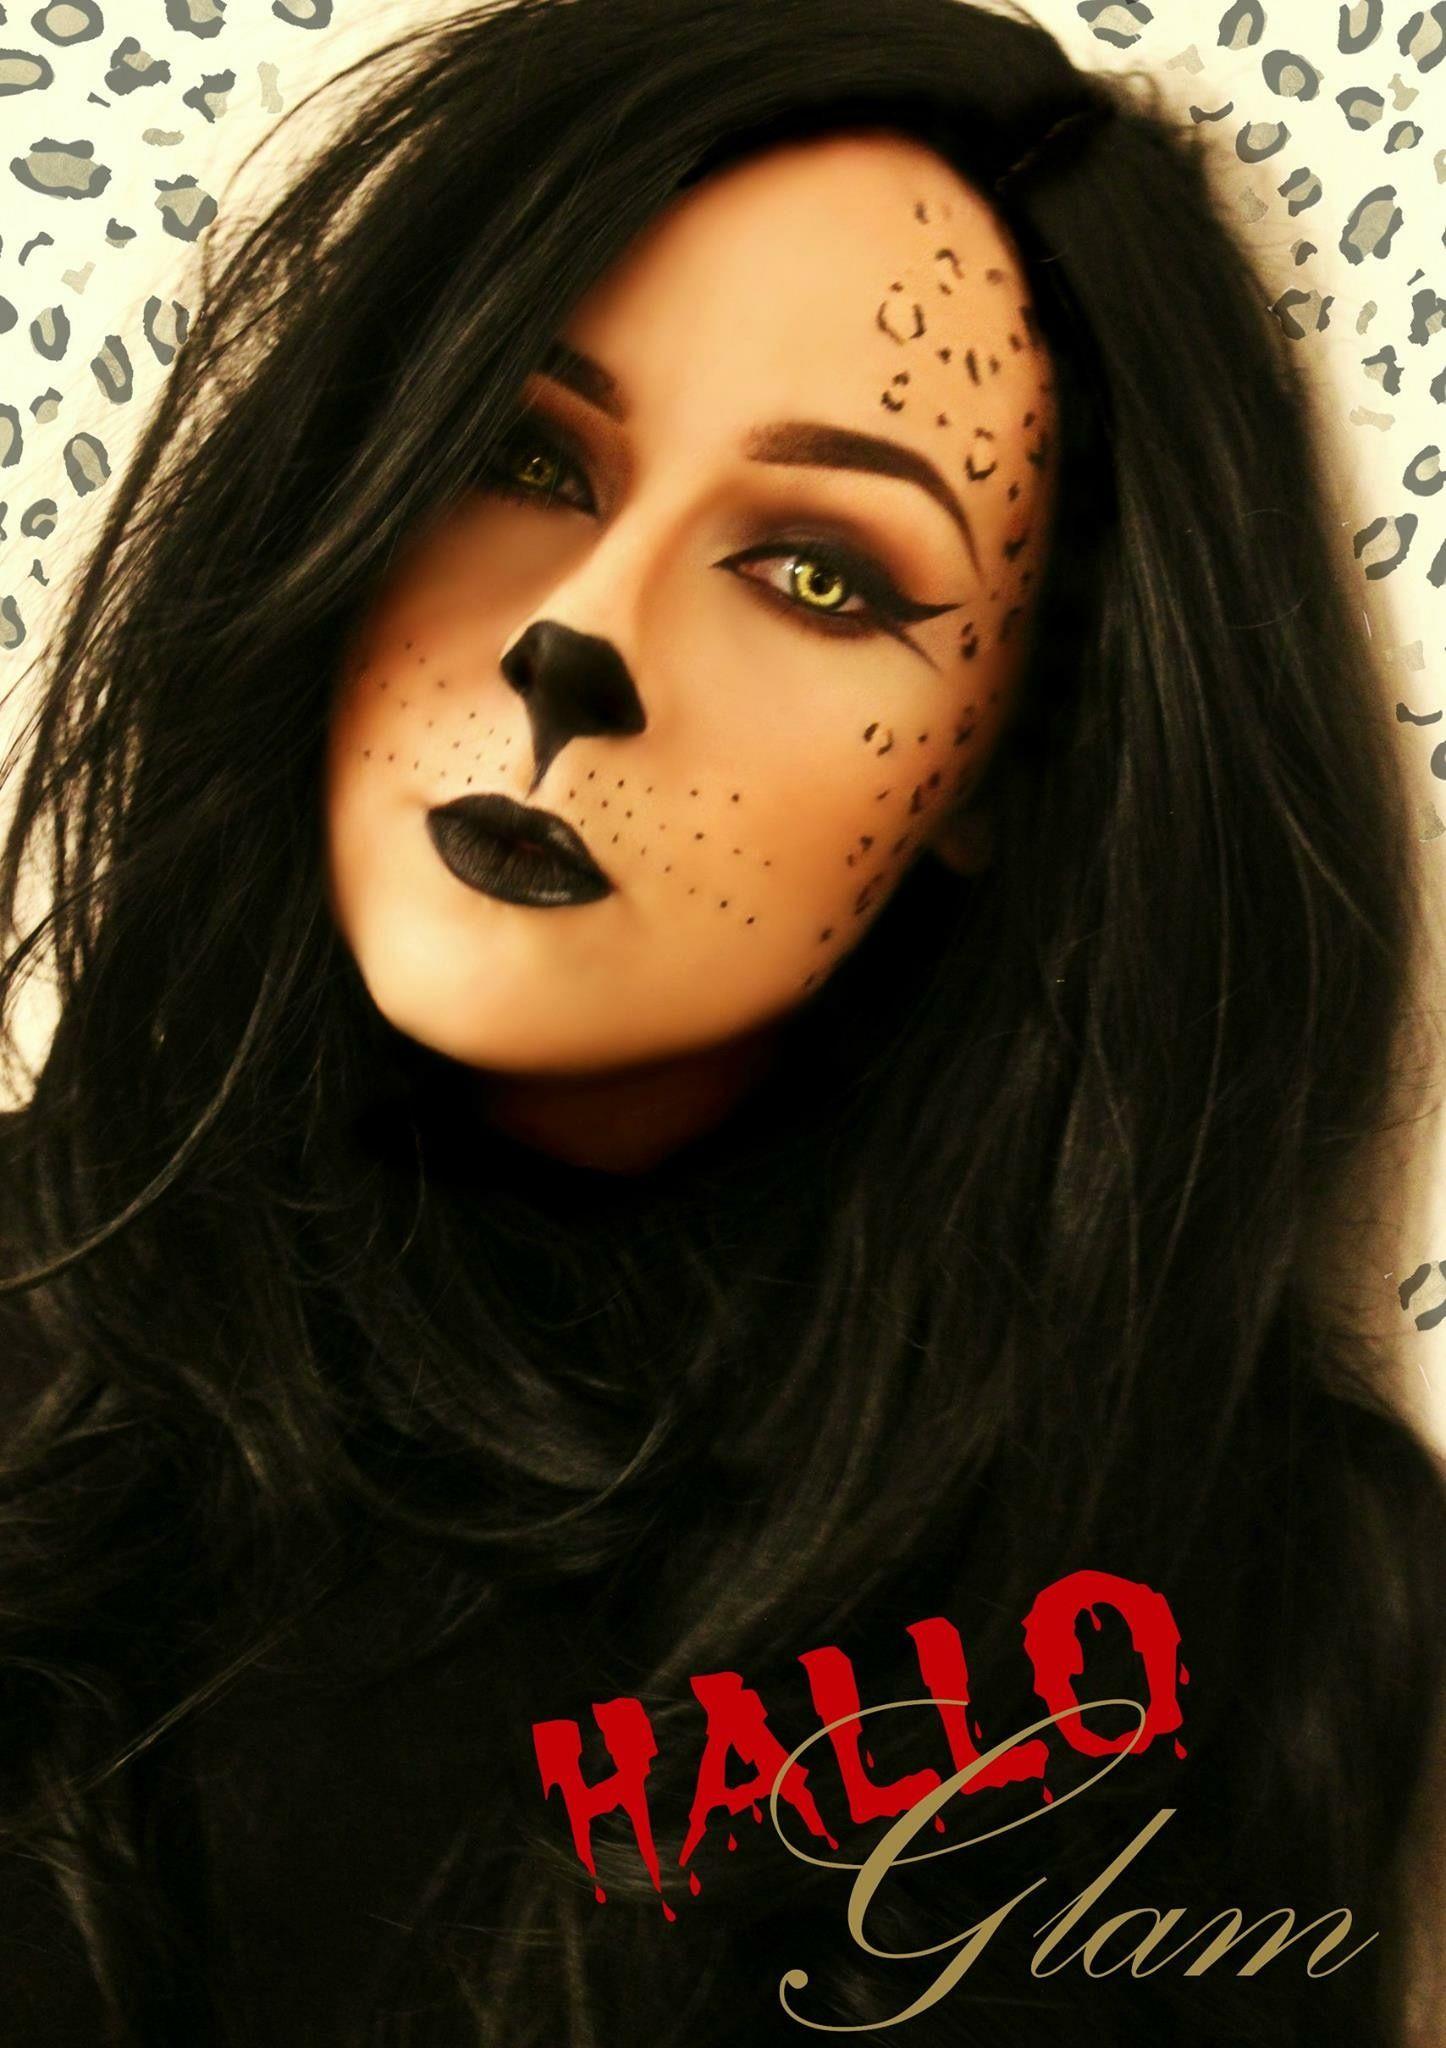 Cougar Halloween Makeup.Pin On Halloween Inspiration